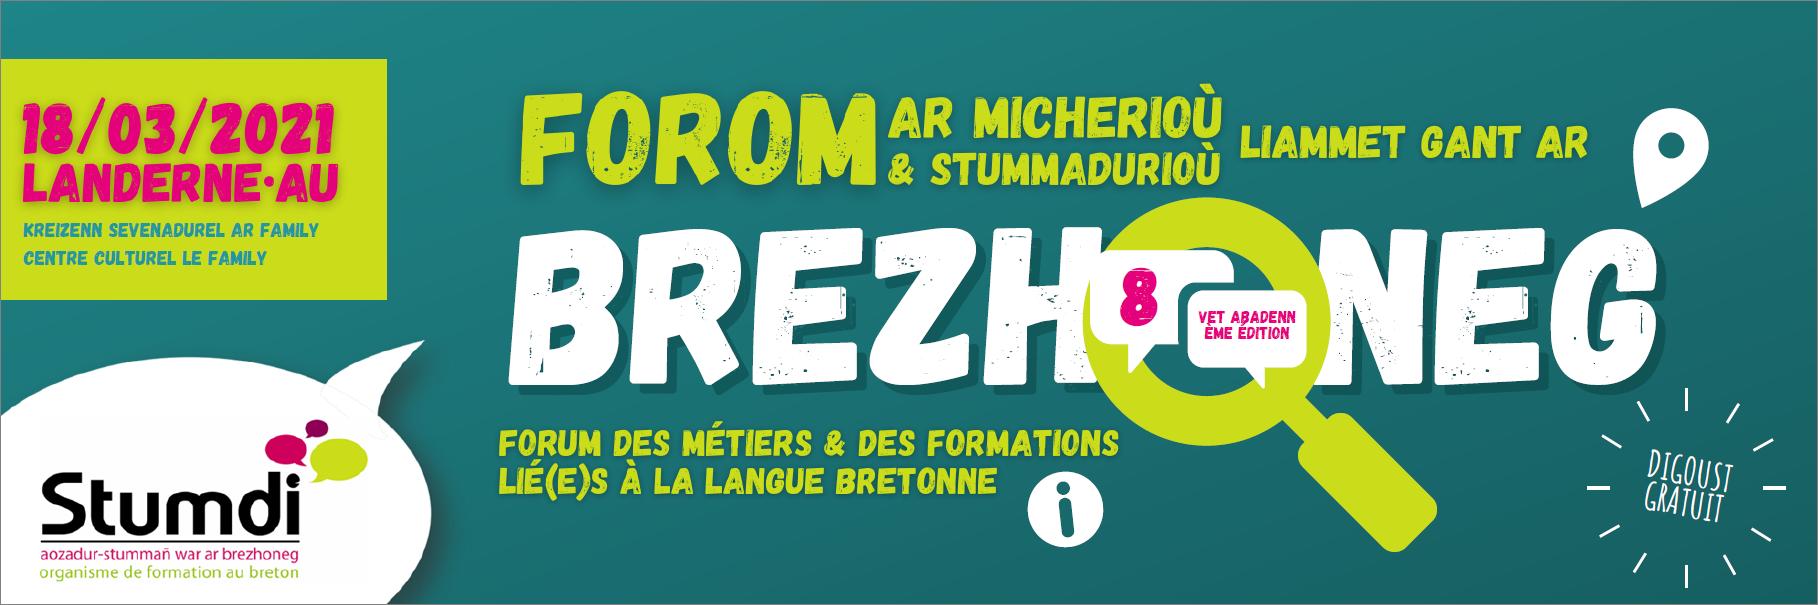 Stumdi - Forum des métiers et des formations lié(e)s à la langue bretonne - Forom ar micherioù hag ar stummadurioù liammet gant ar brezhoneg